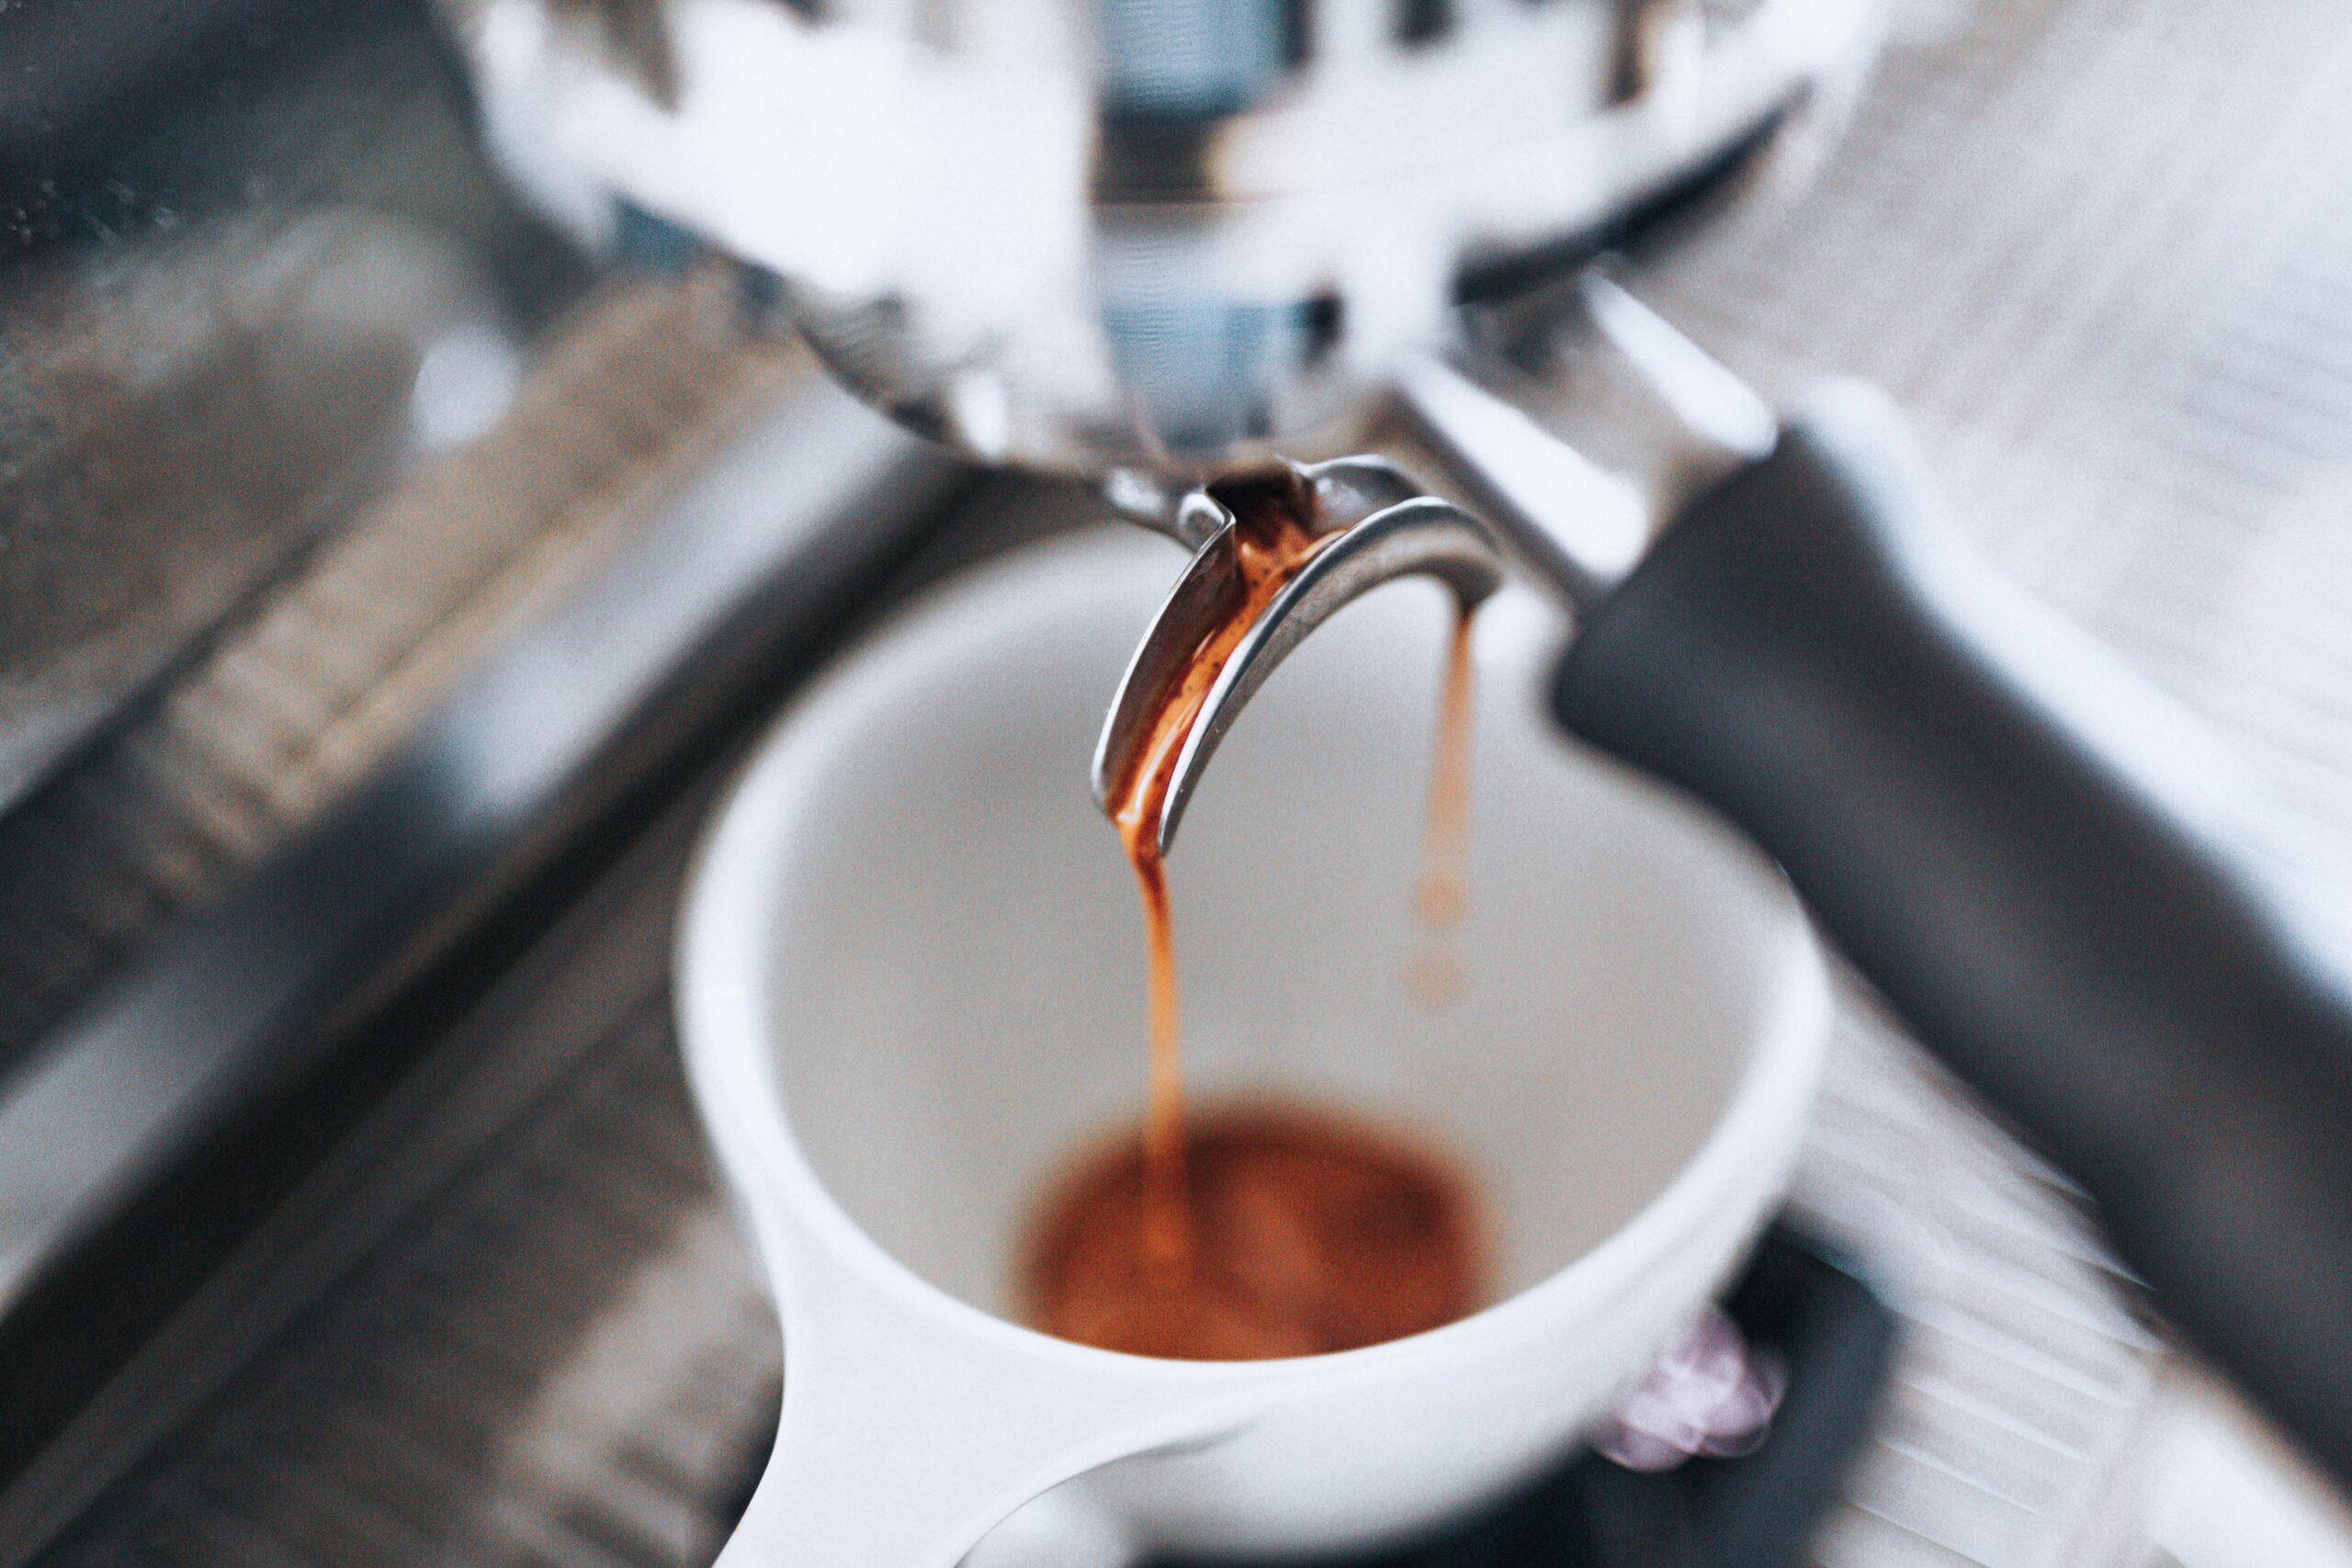 Gros plan sur une machine à café.